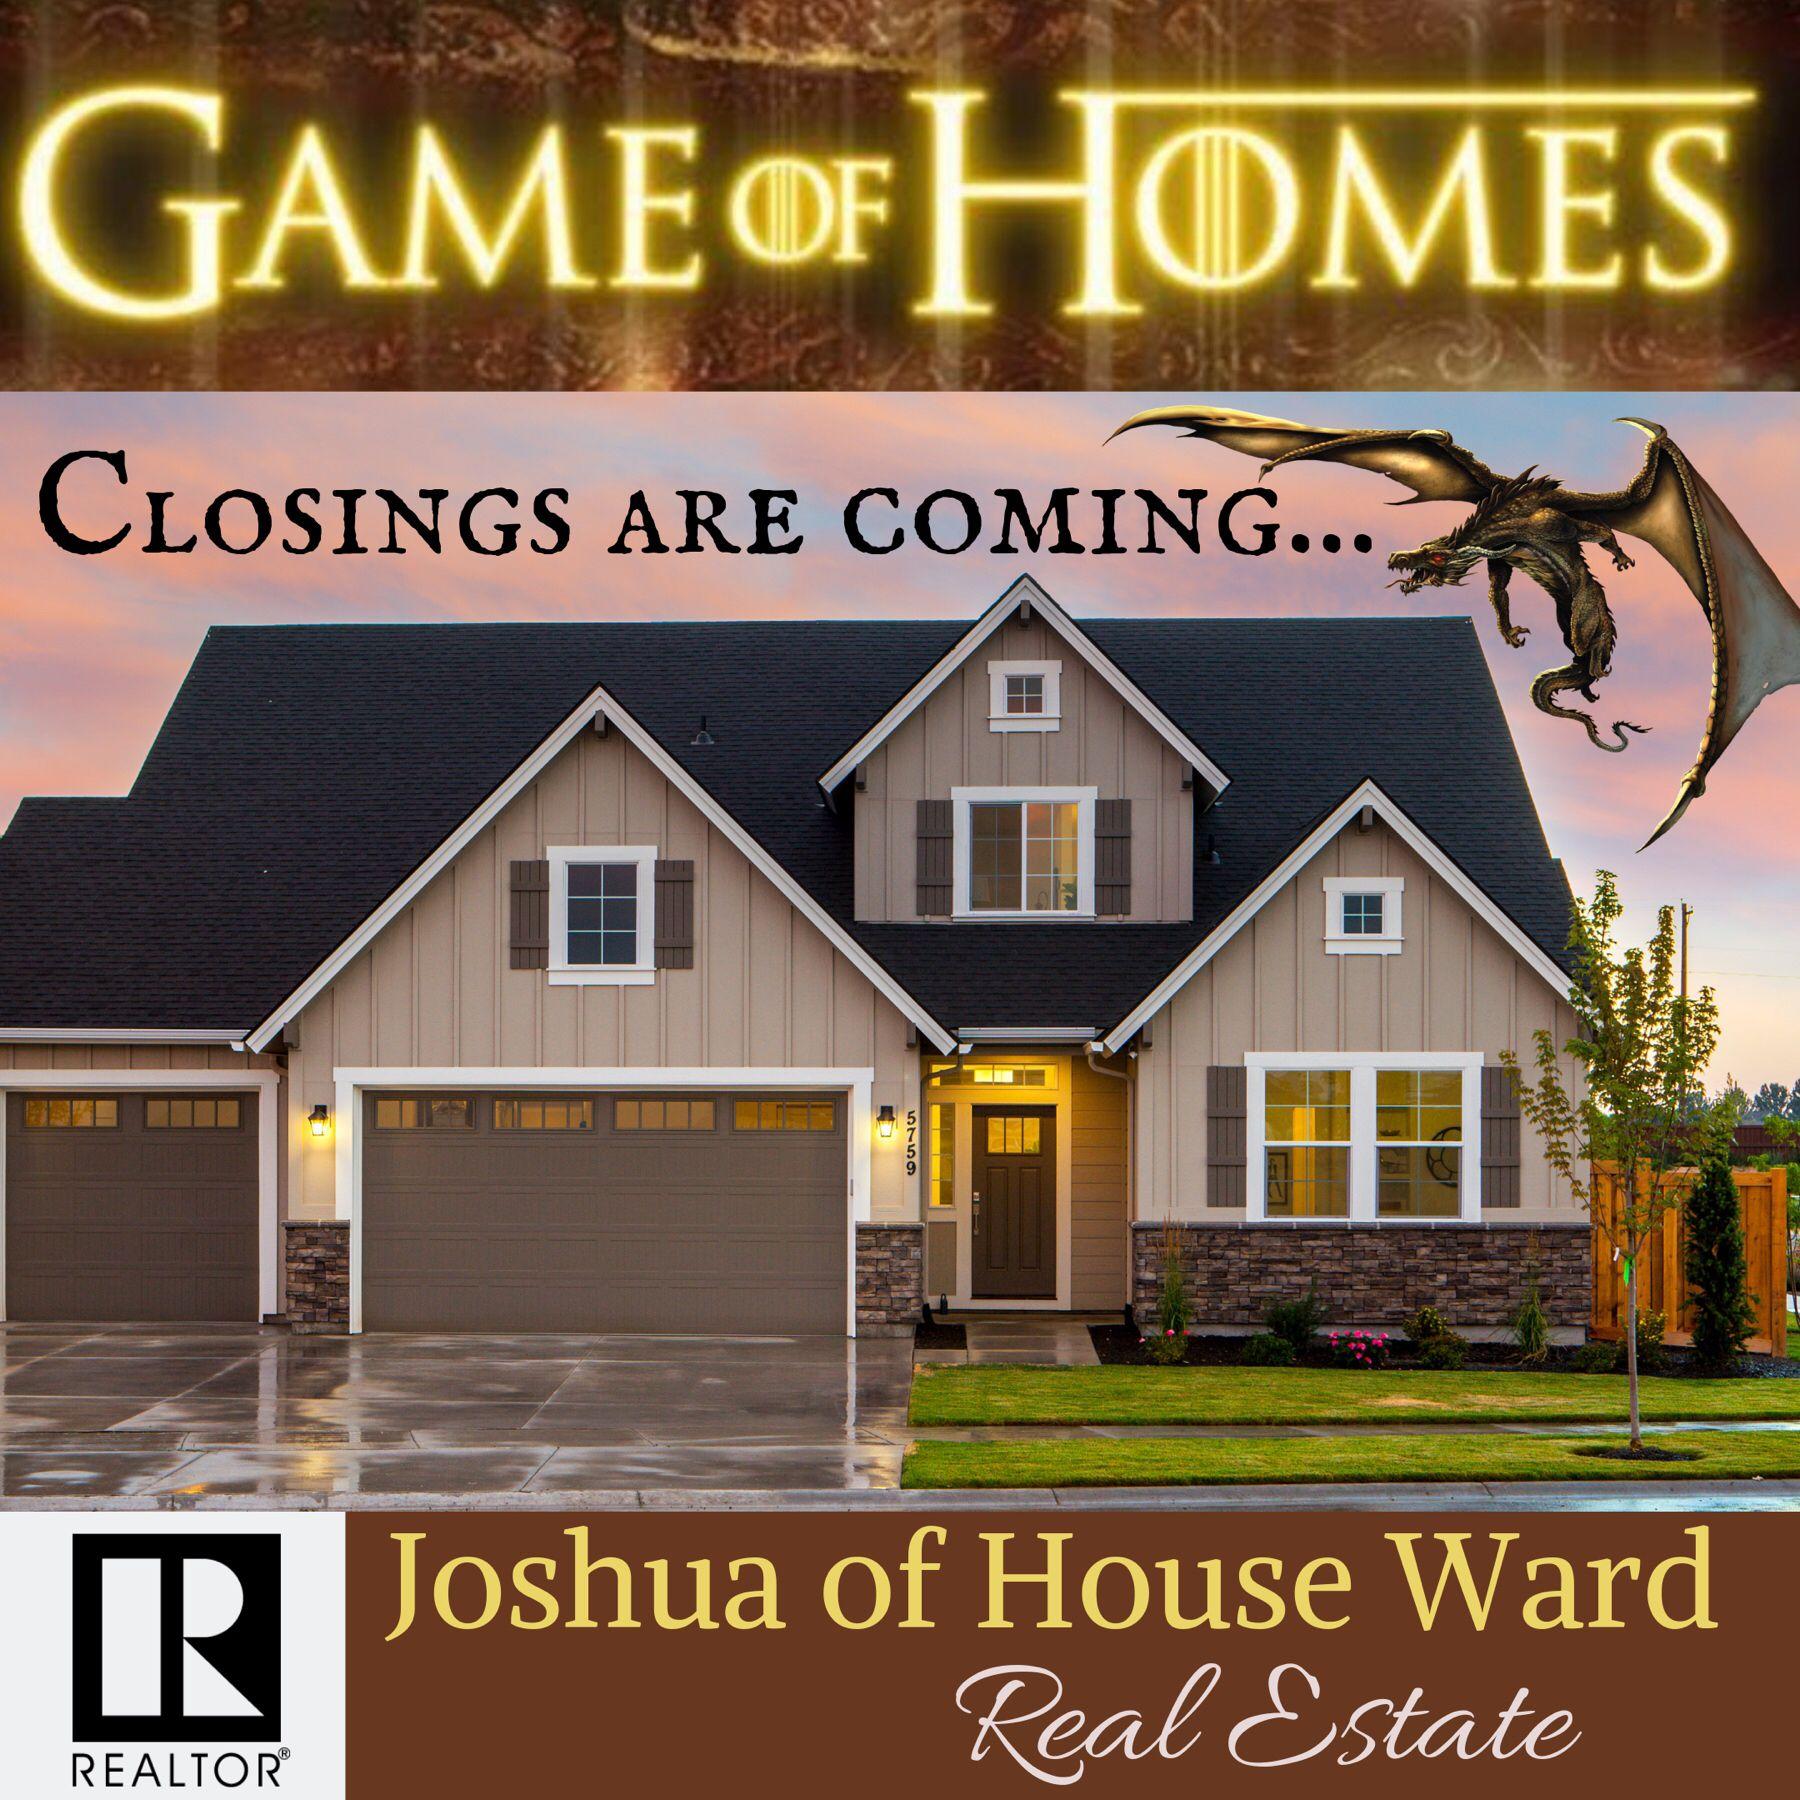 452d5a6a2db00d40903505e9e1902a41 - Better Homes And Gardens Real Estate Innovations